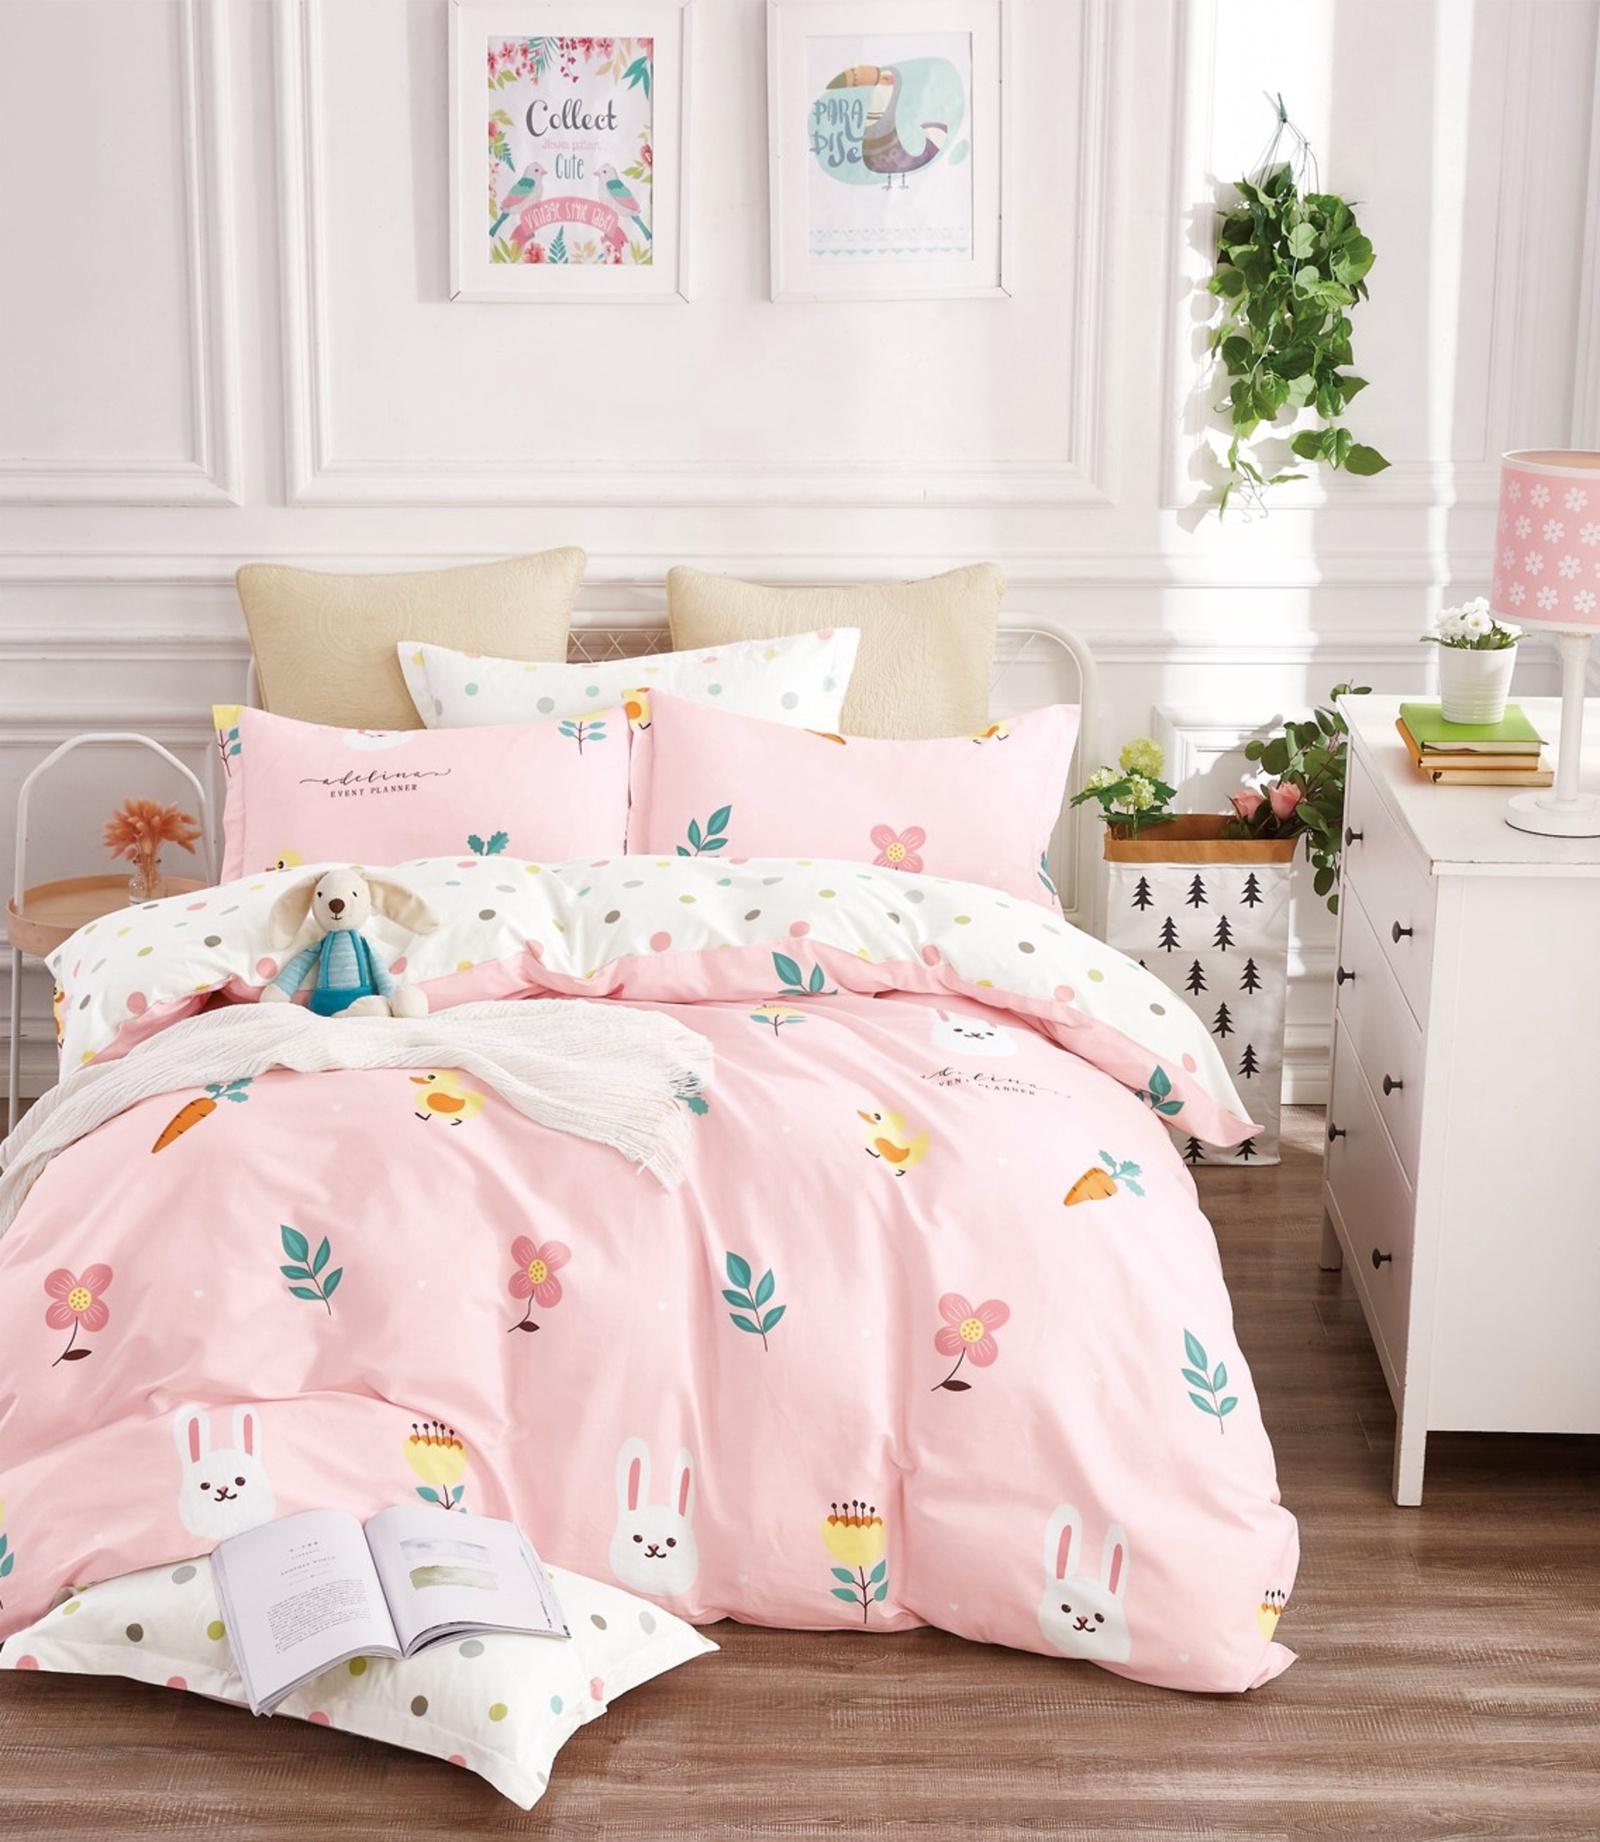 Комплект постельного белья Dream Time BLK-46-SP-413-1CBLK-46-SP-413-1CКомплект постельного белья,простыня: 160*220, пододеяльник: 145*215, 1 наволочка 70*70.